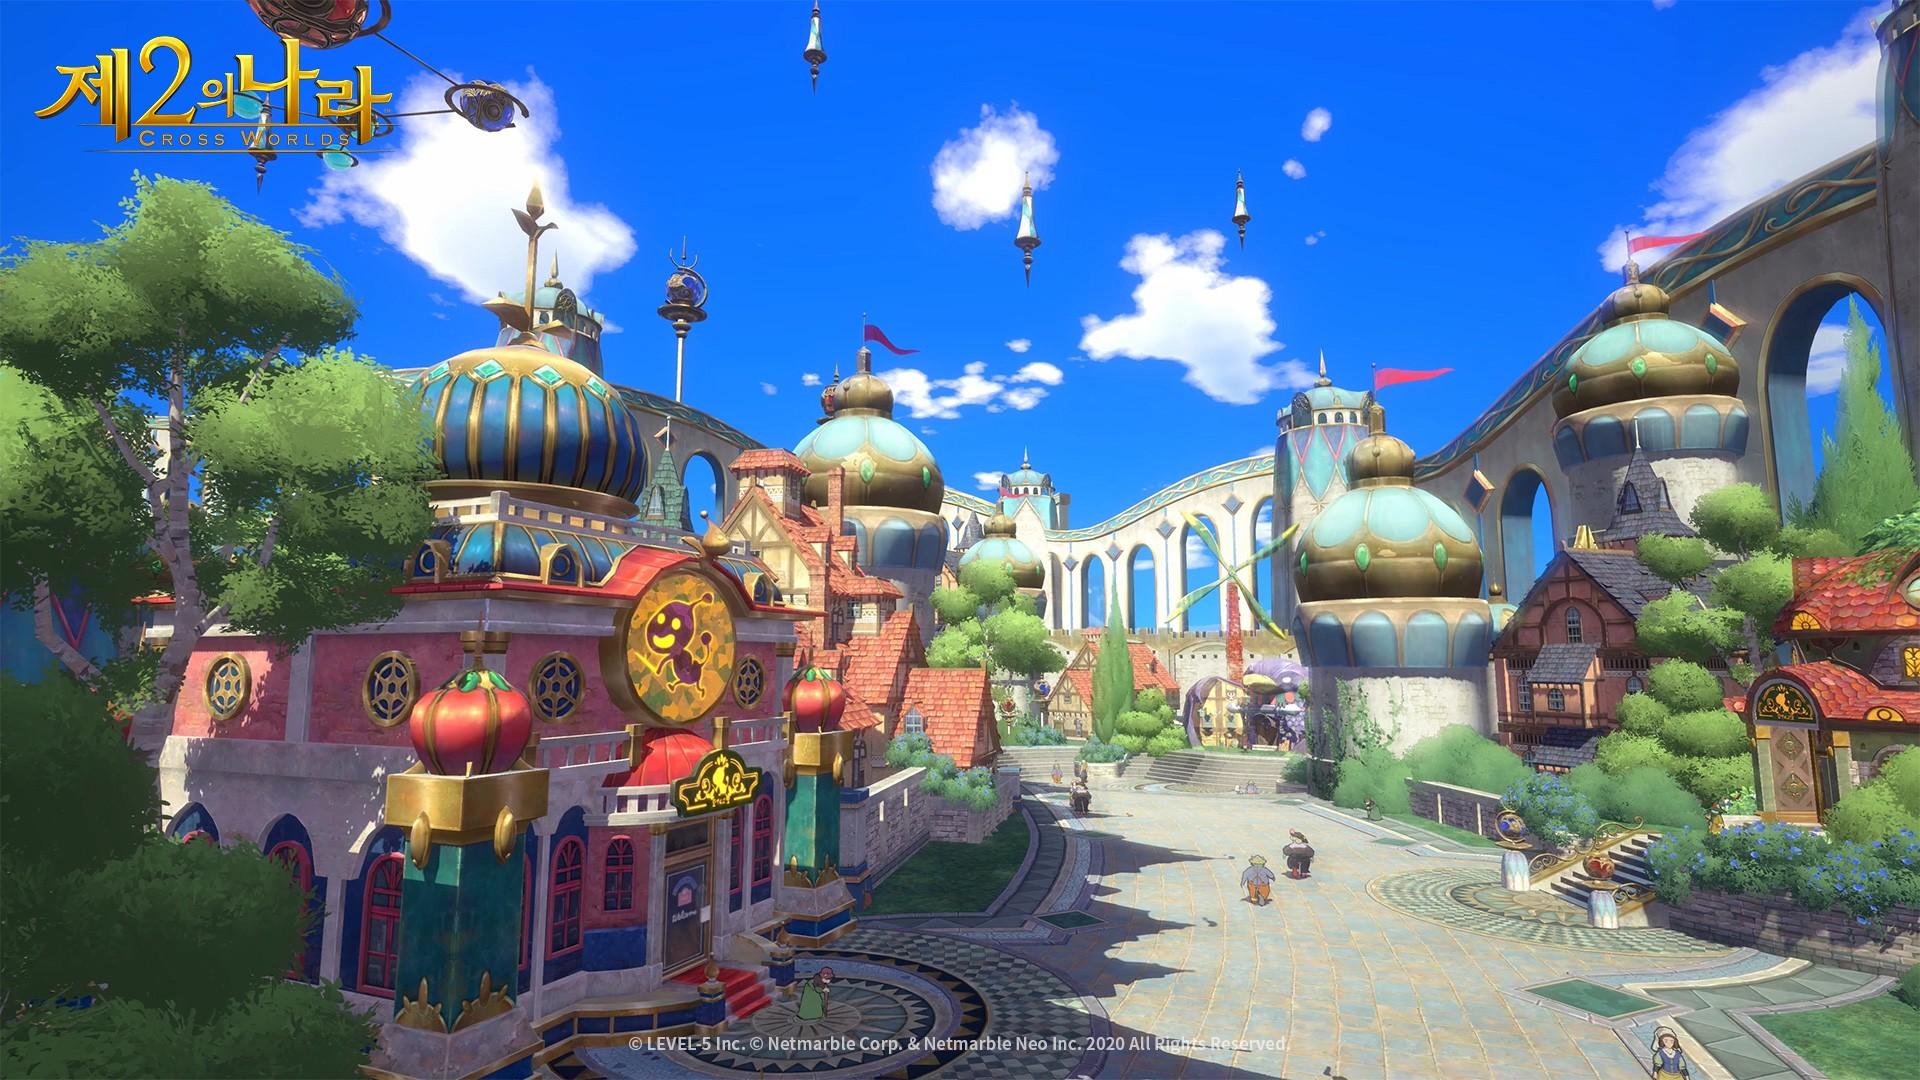 지브리 감성의 MMORPG 제2의나라를 PC에서 만나보기 전 찾아봐요, 내 취향에 맞는 캐릭터는 누구?